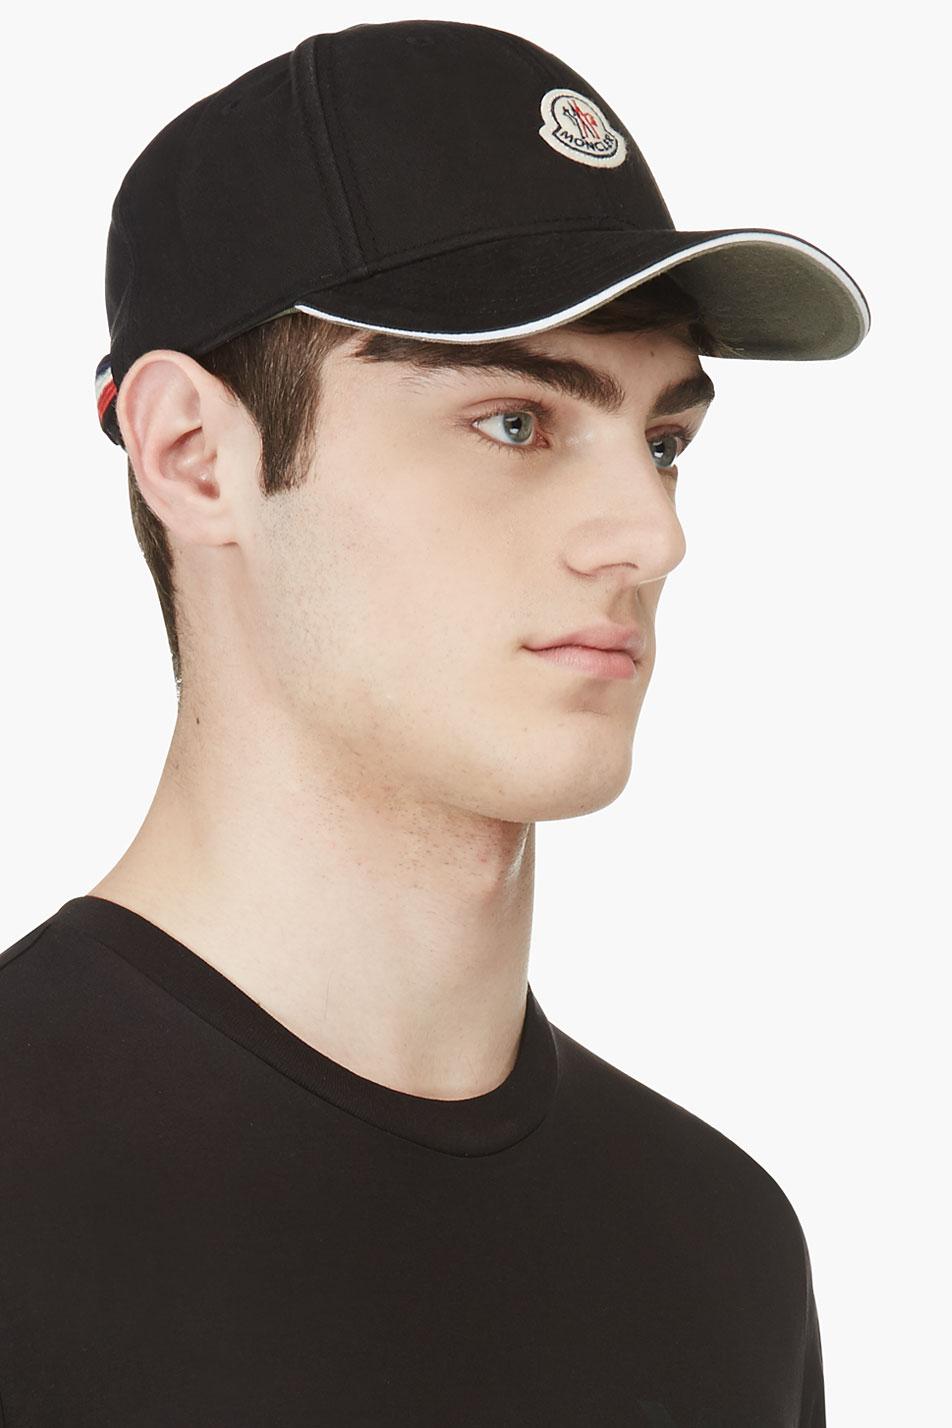 Lyst - Moncler Black Logo Baseball Cap in Black for Men 9fa07bb0d